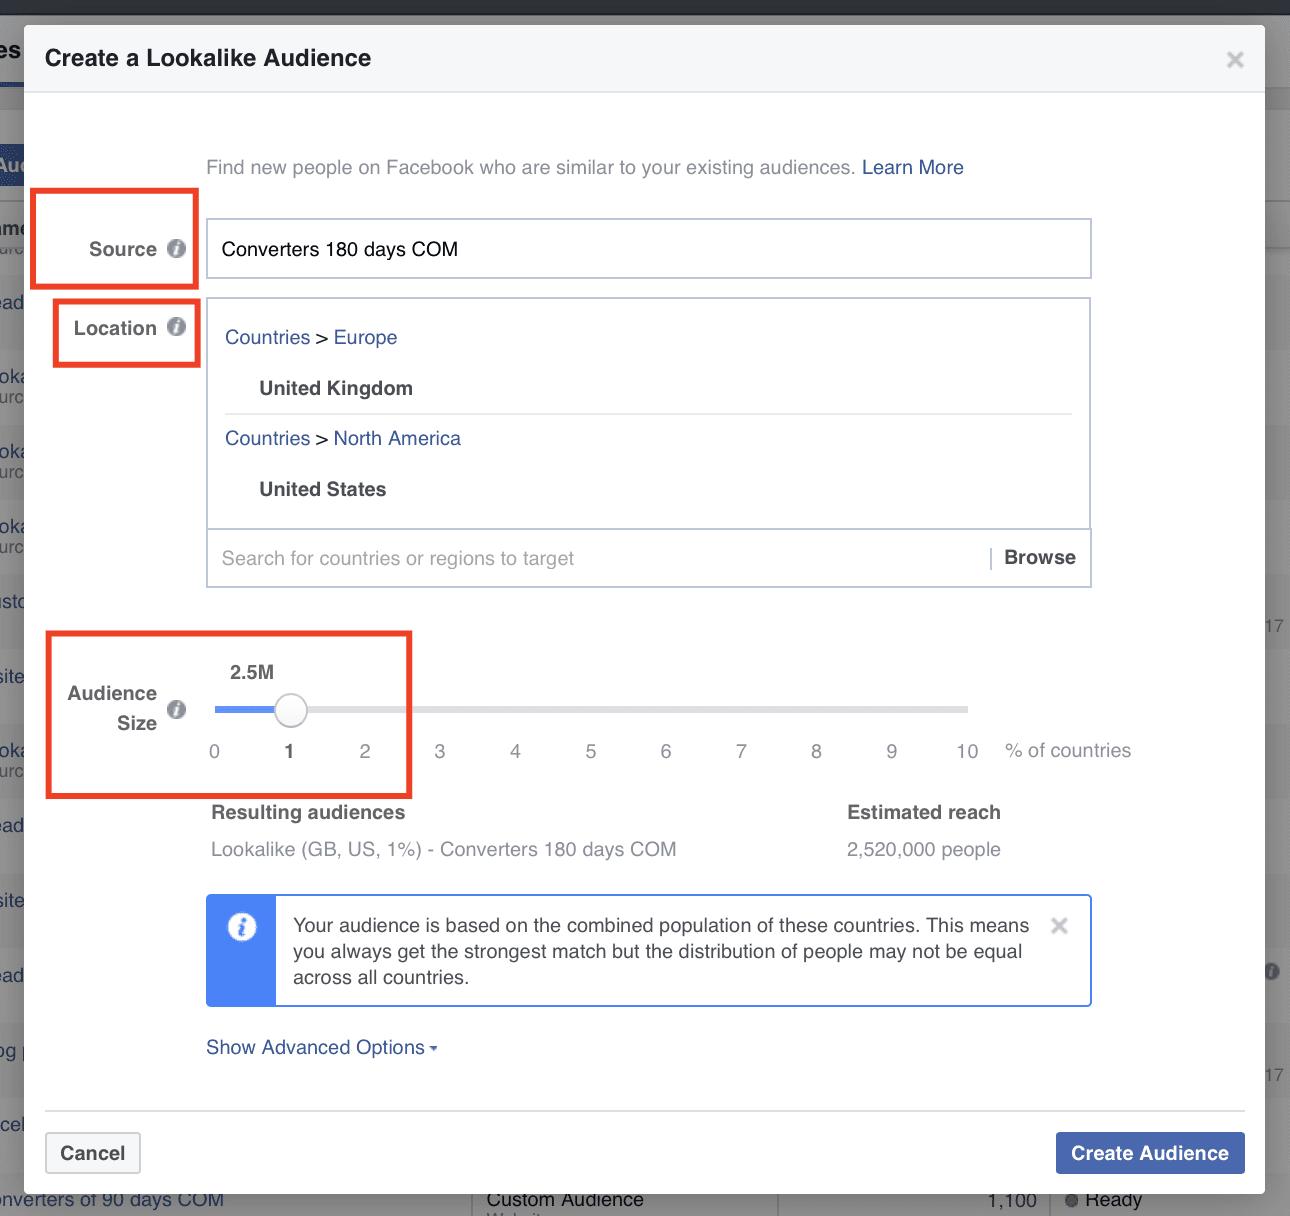 facebook-lookalike-audience